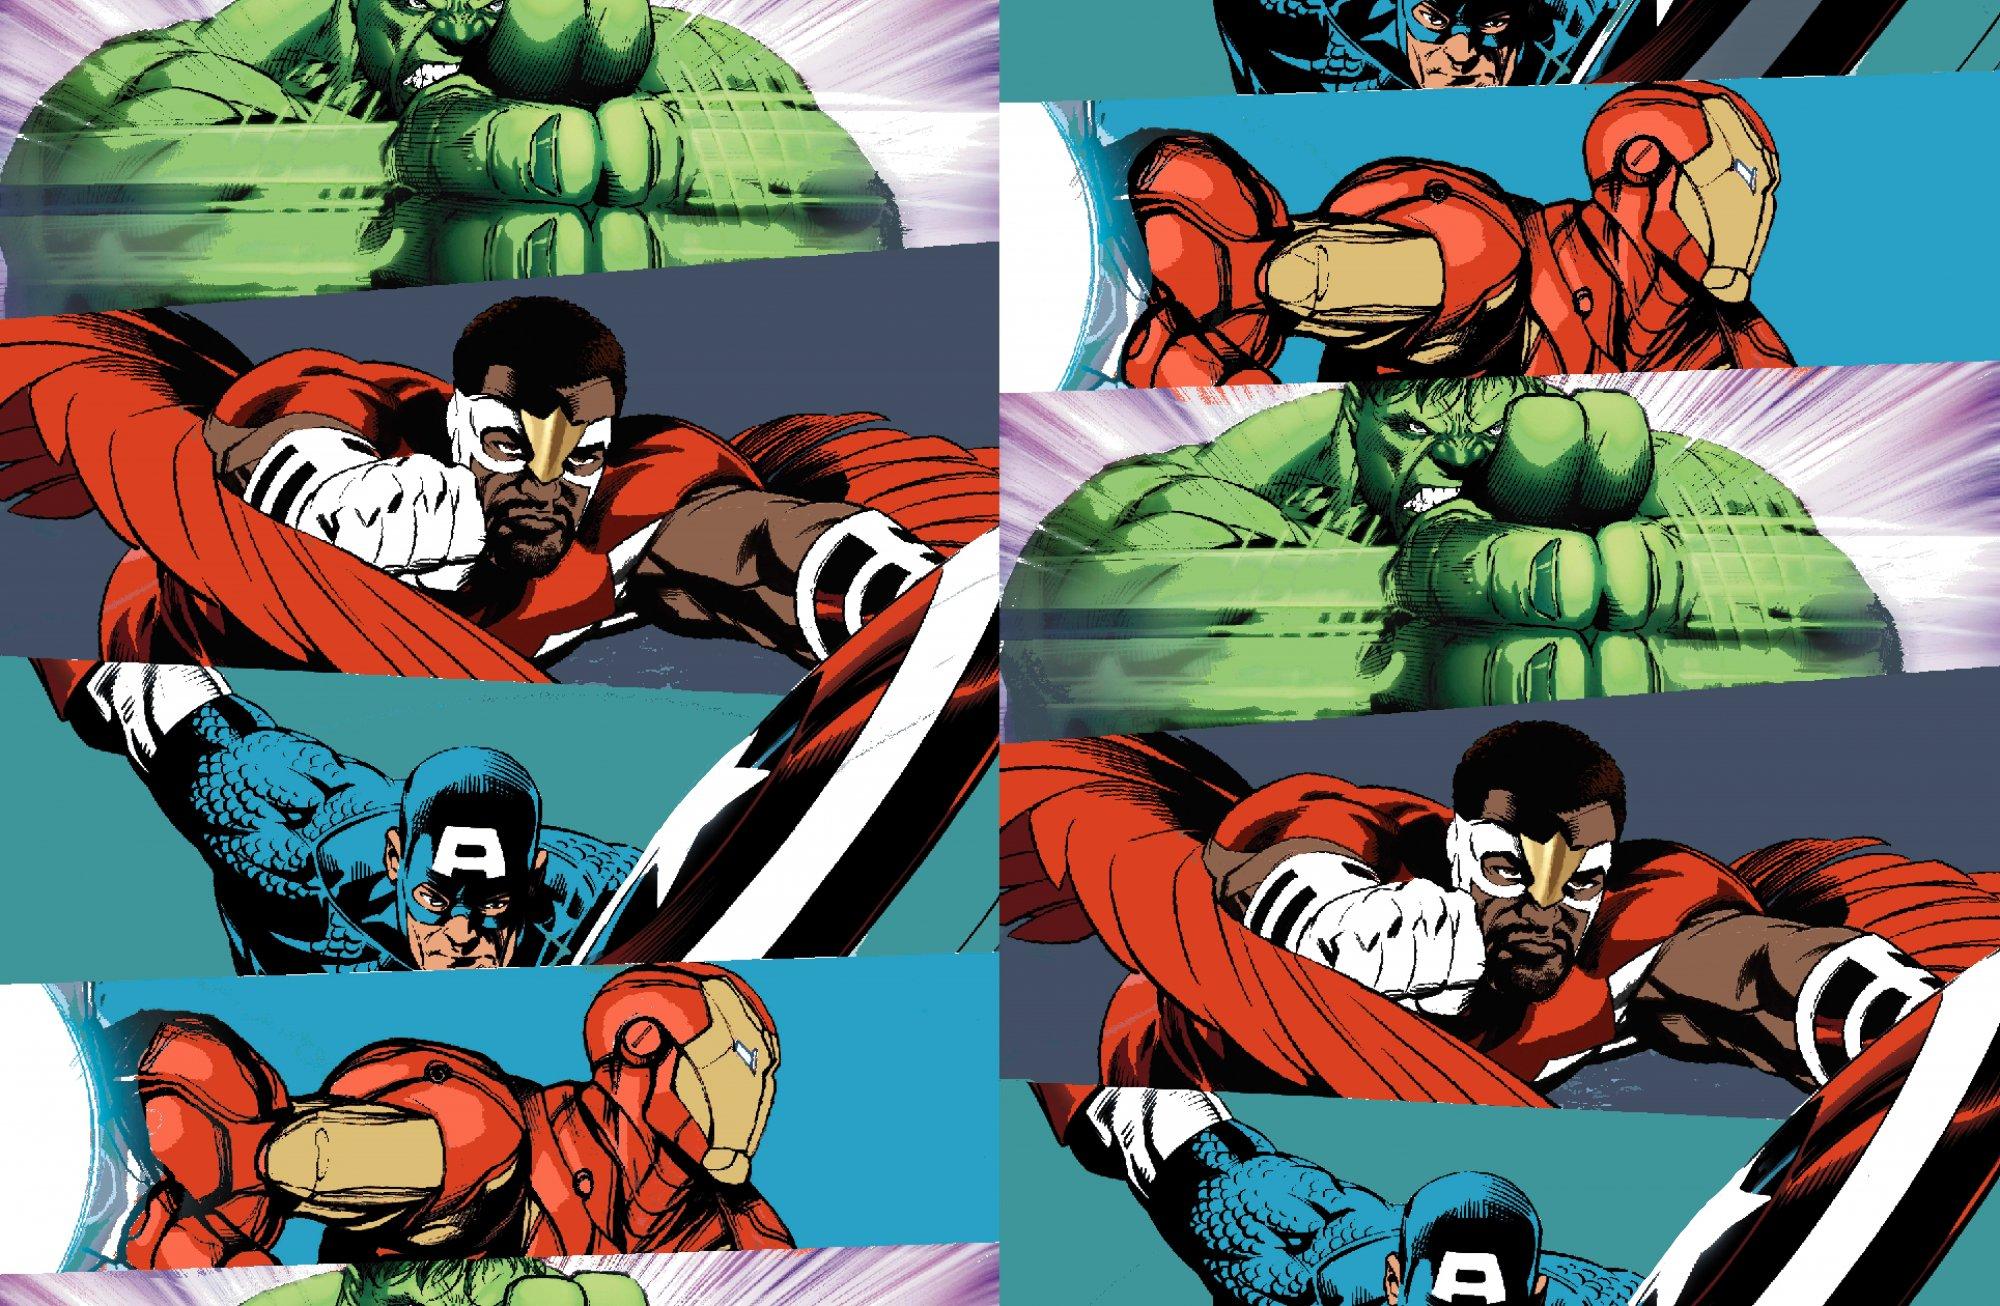 SC-Marvel Avengers Fleece 71012-A620710 Marvel Super Heroes